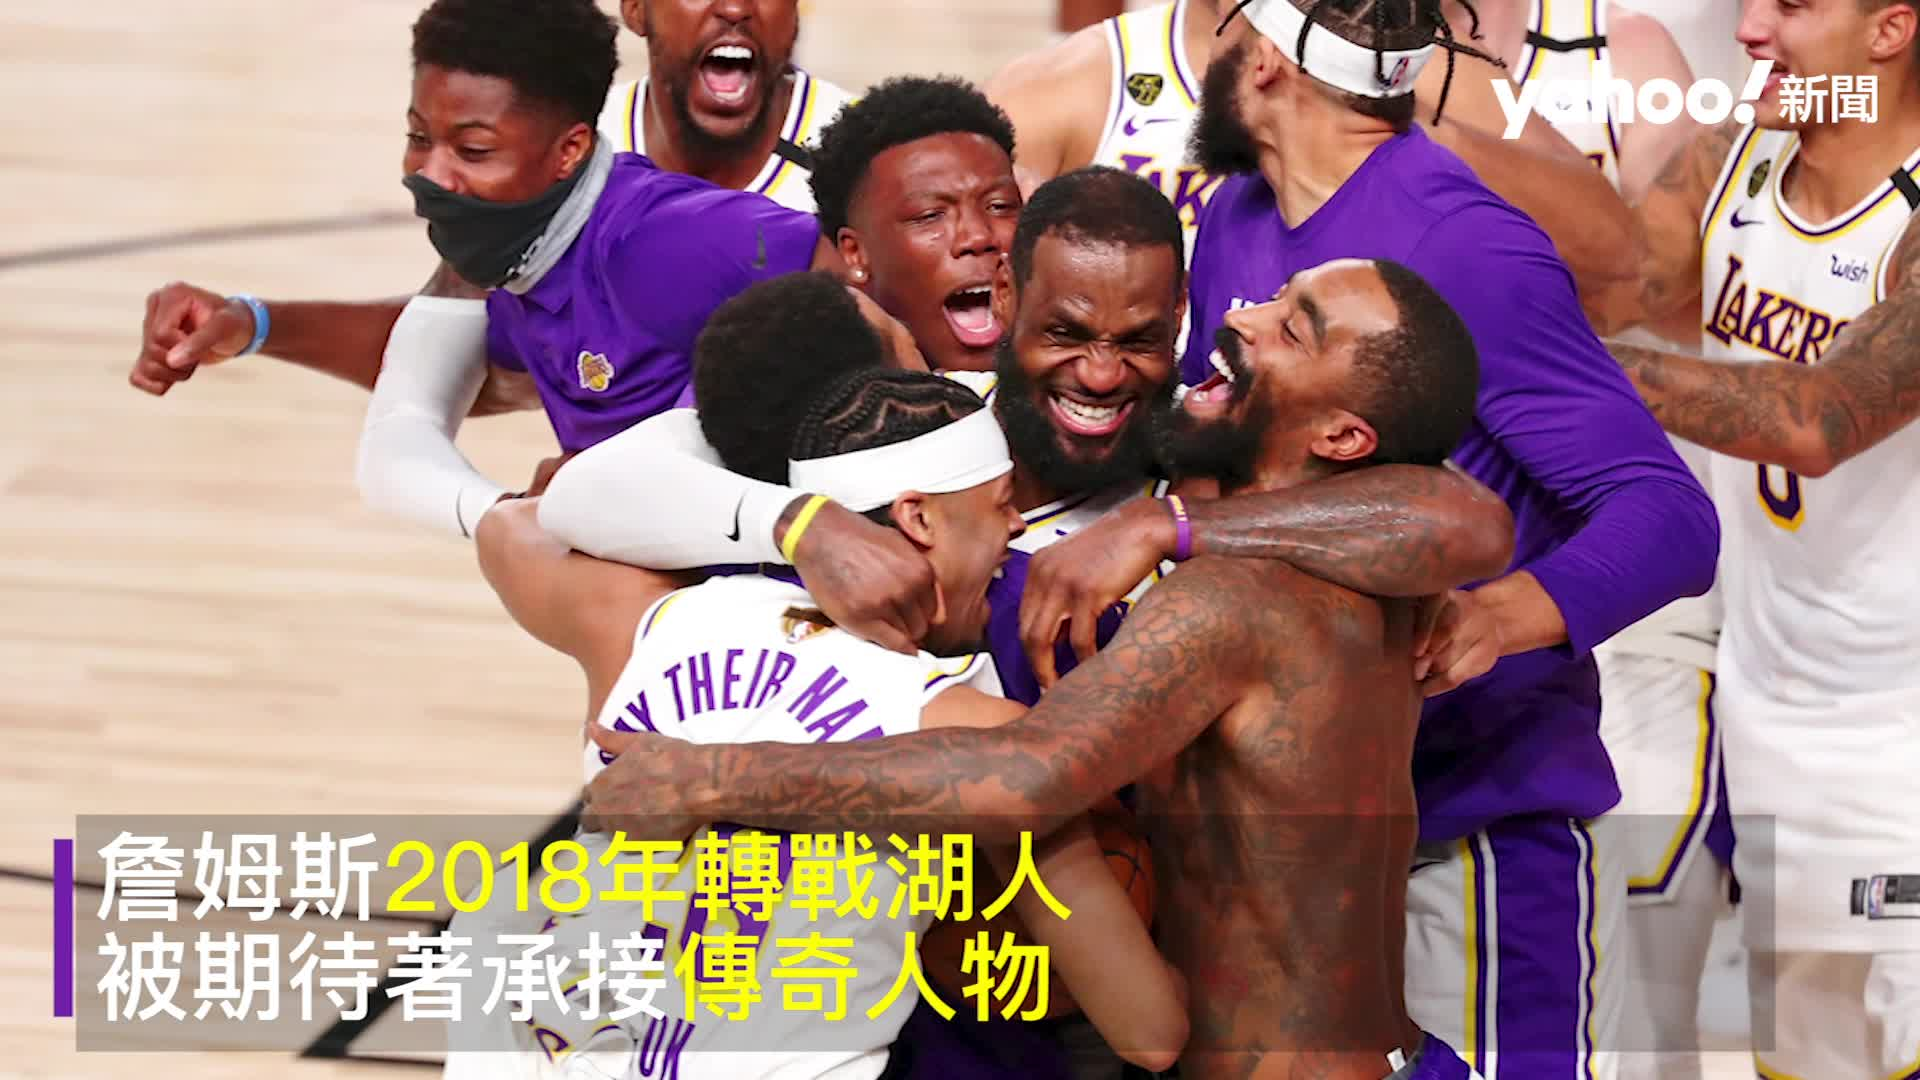 湖人贏了NBA總冠軍!球迷聚集慶祝大放煙火 警方緊急出動防疫